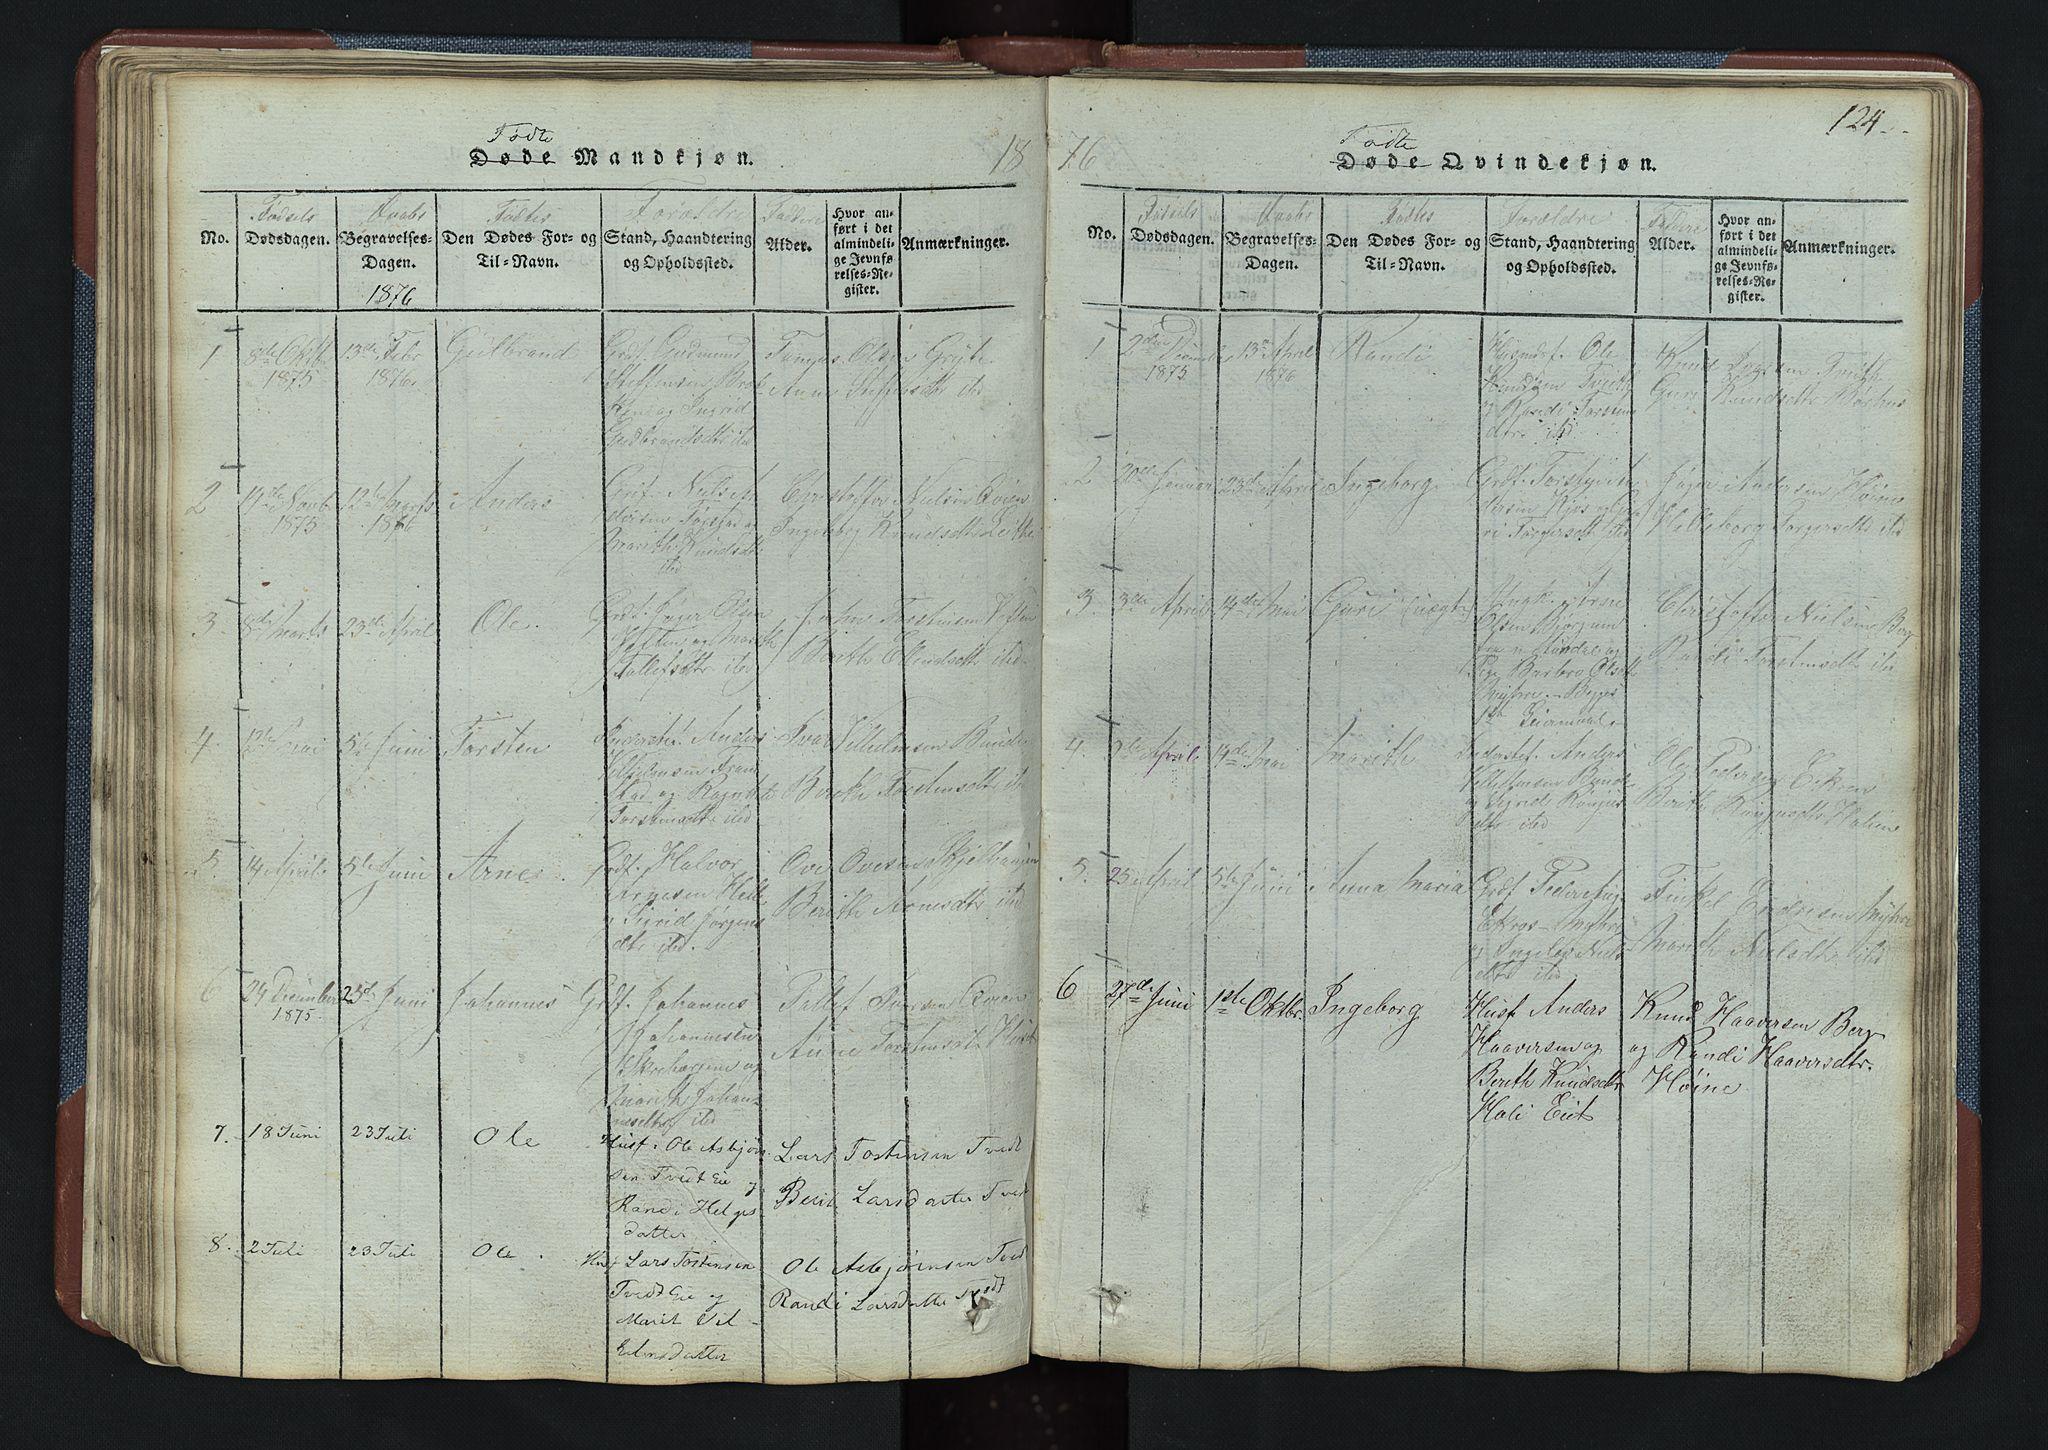 SAH, Vang prestekontor, Valdres, Klokkerbok nr. 3, 1814-1892, s. 124